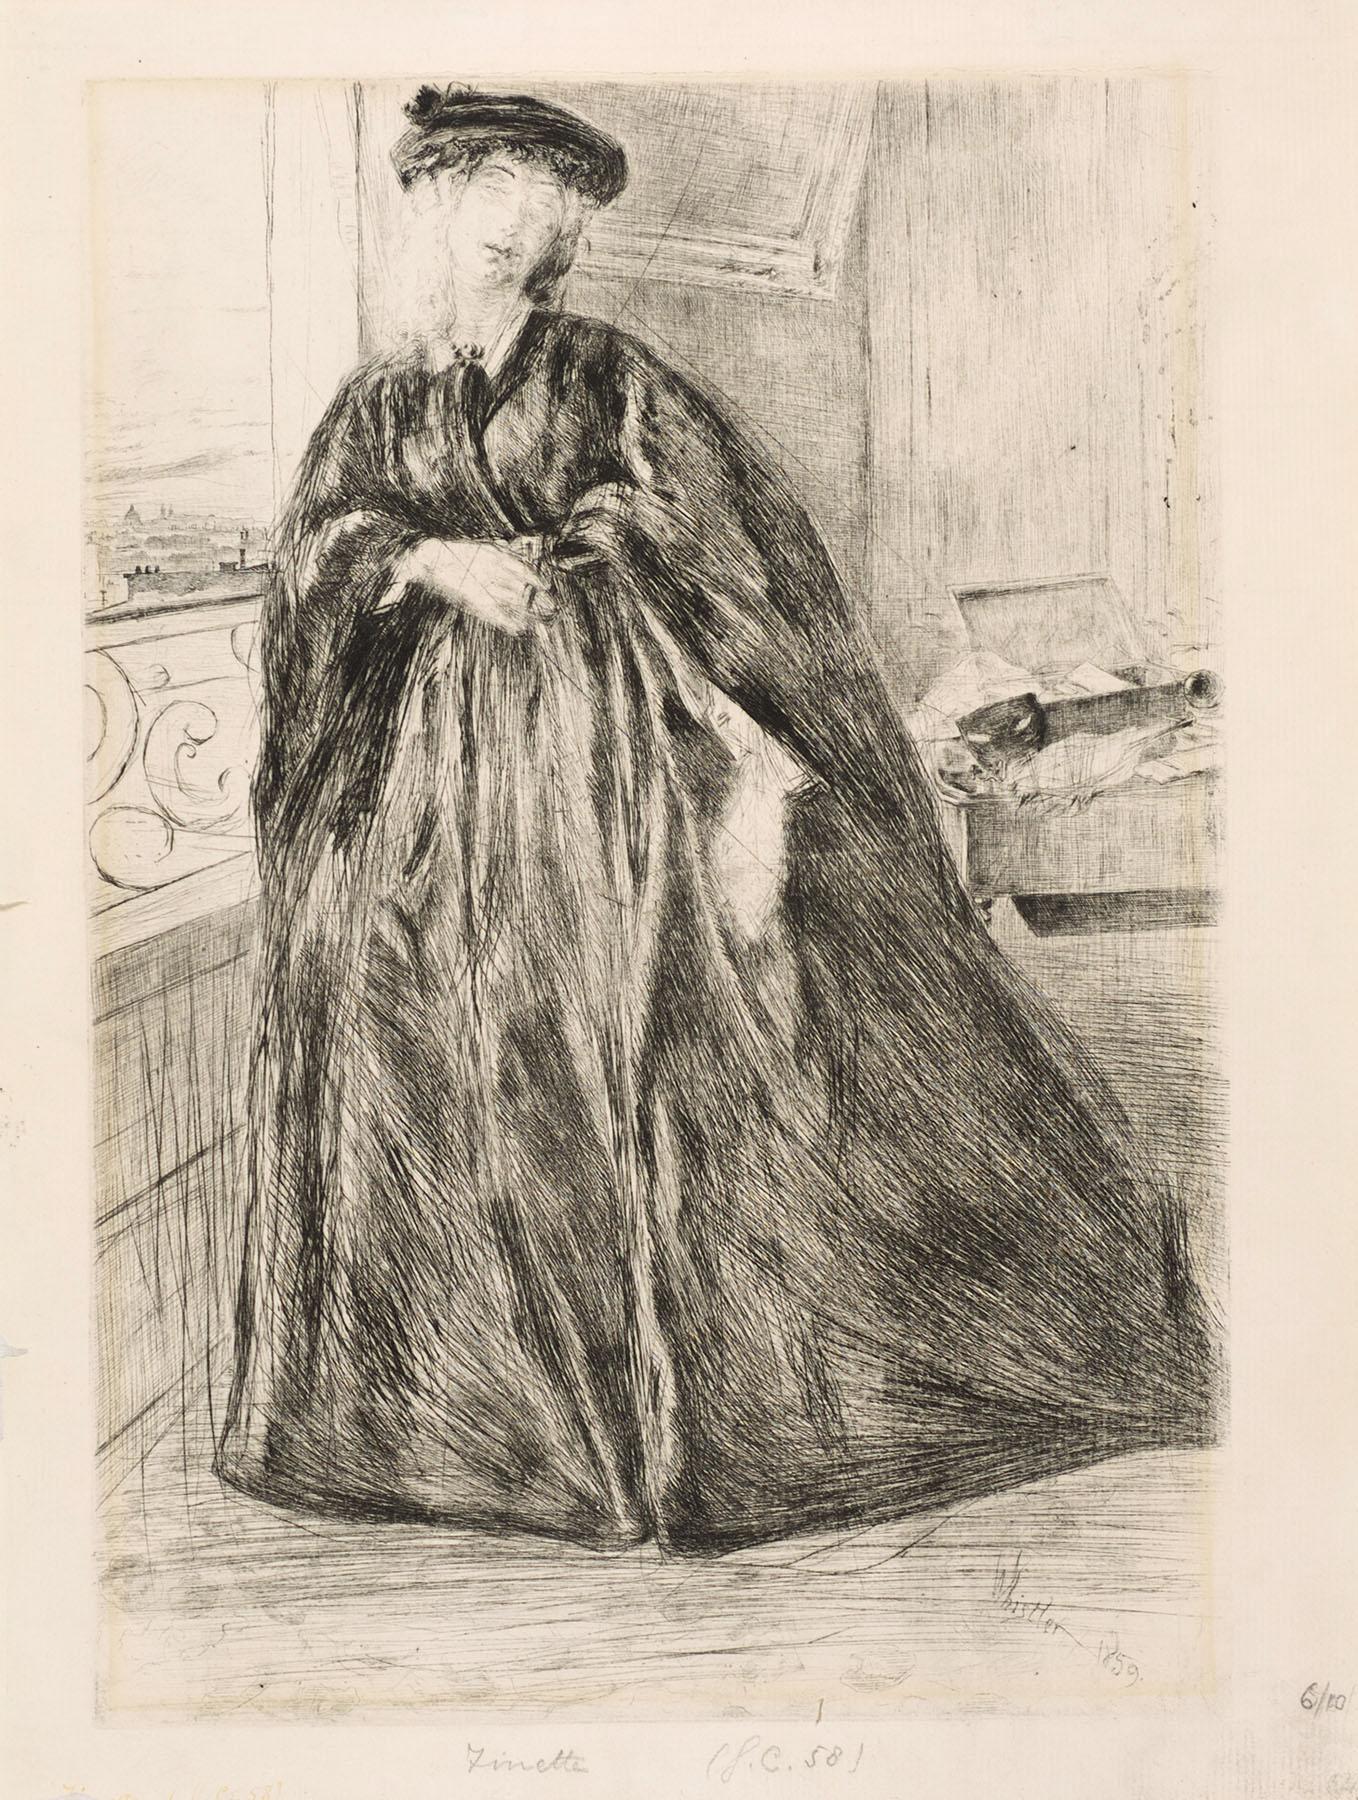 Finette by James Abbott McNeill Whistler